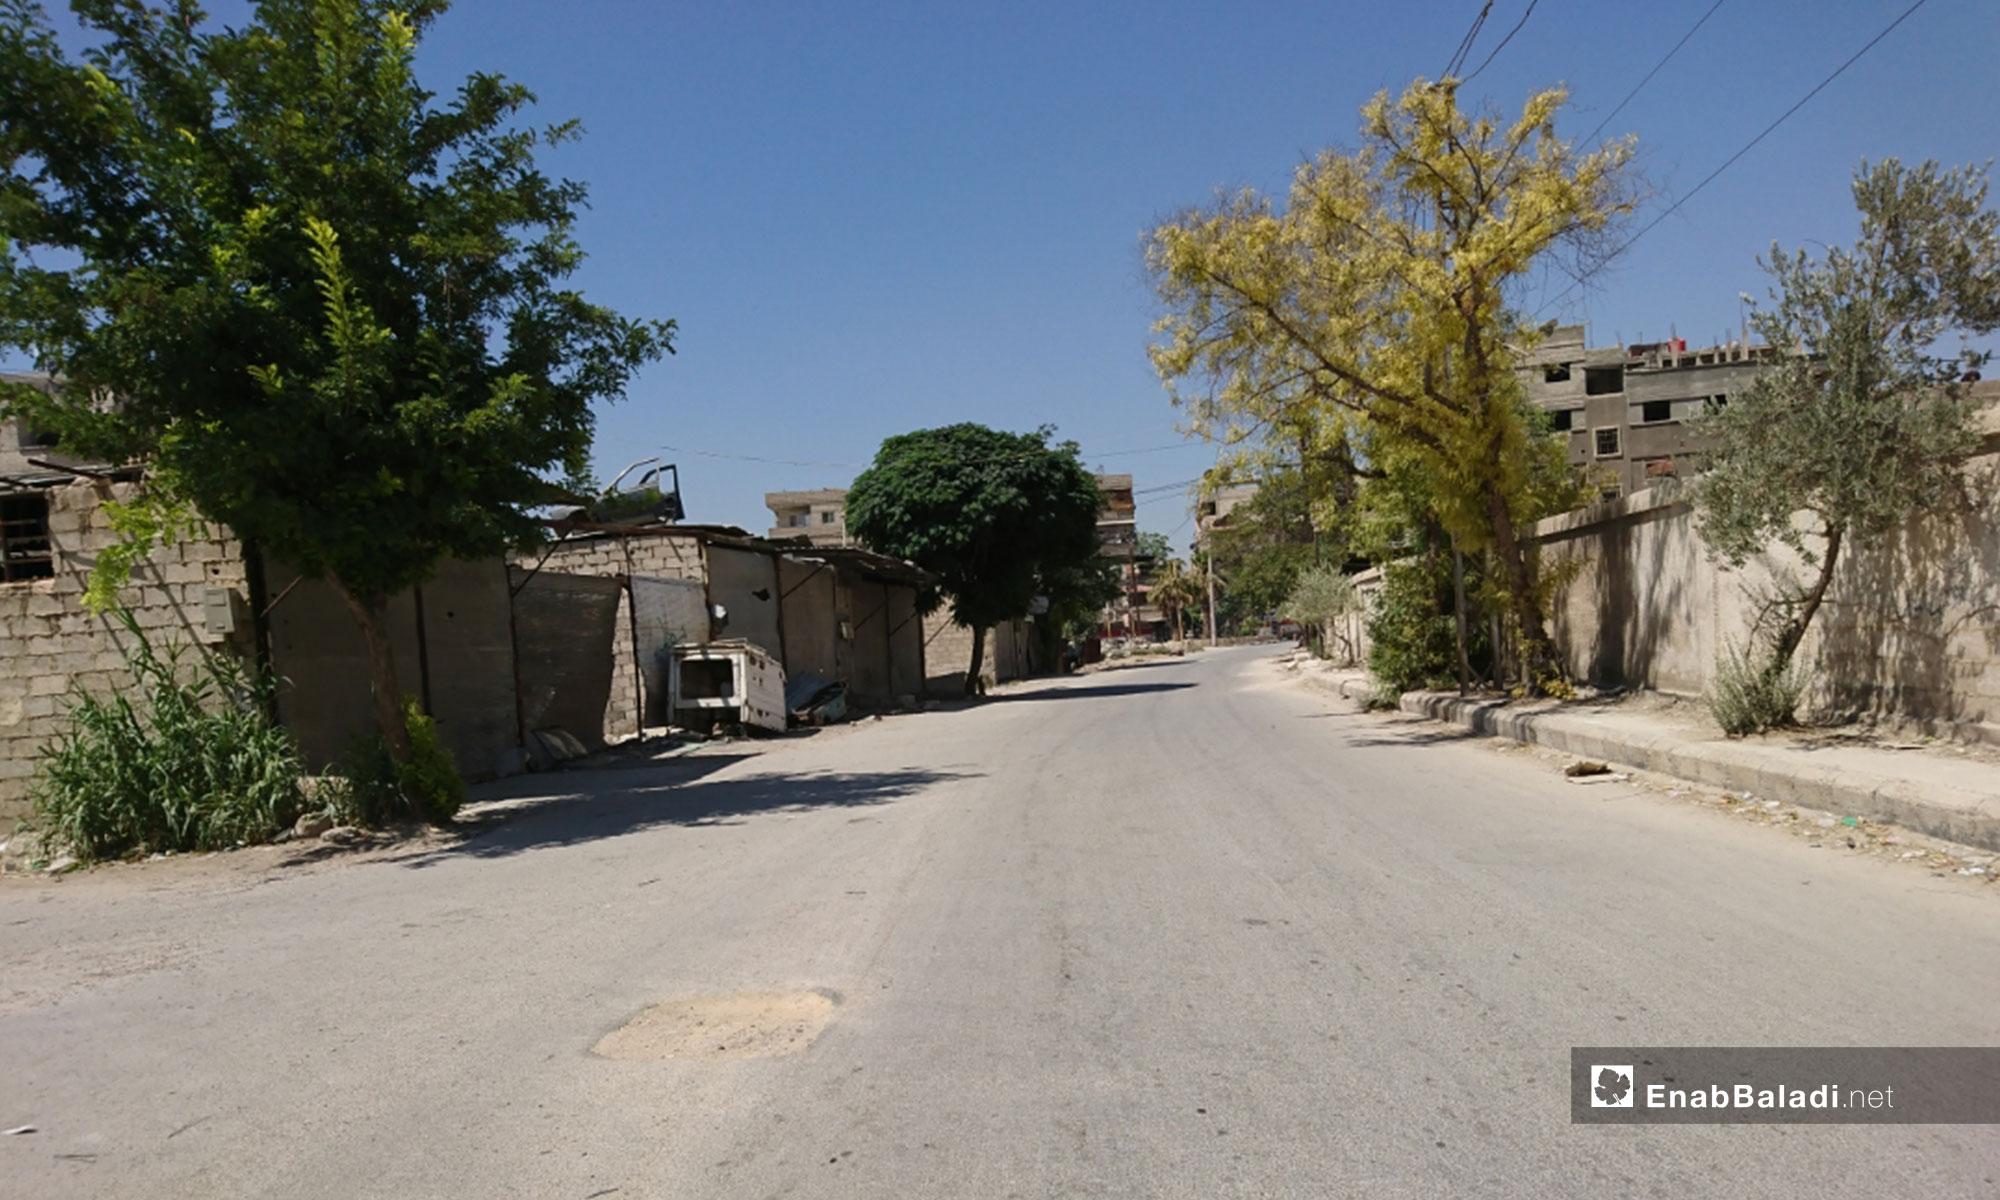 الشارع الرئيسي في كفر بطنا بالغوطة الشرقية - 11 من آب 2018 (عنب بلدي)